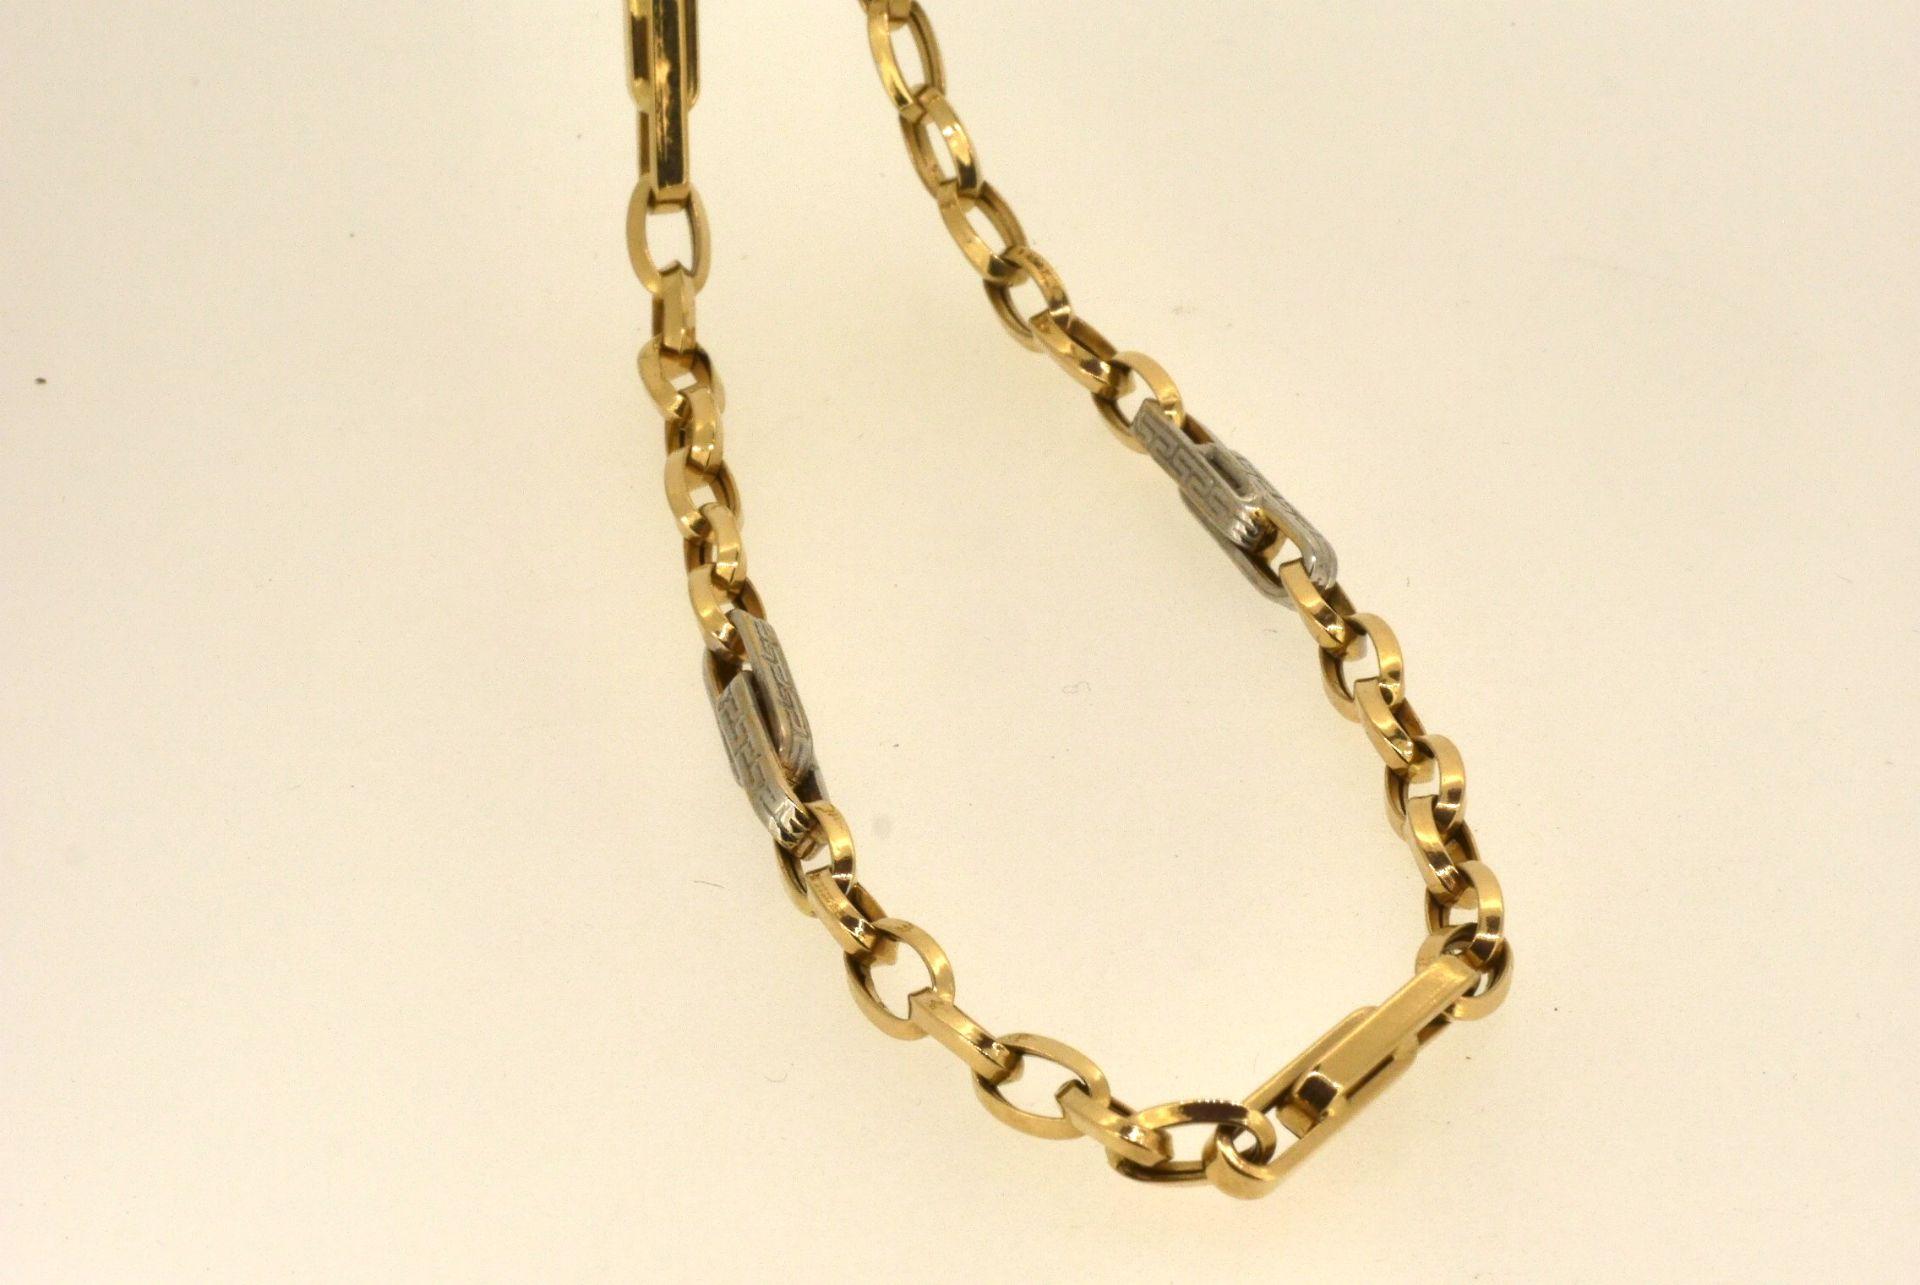 Halskette WG/GG 585, 58 cm, 9,66 Gramm